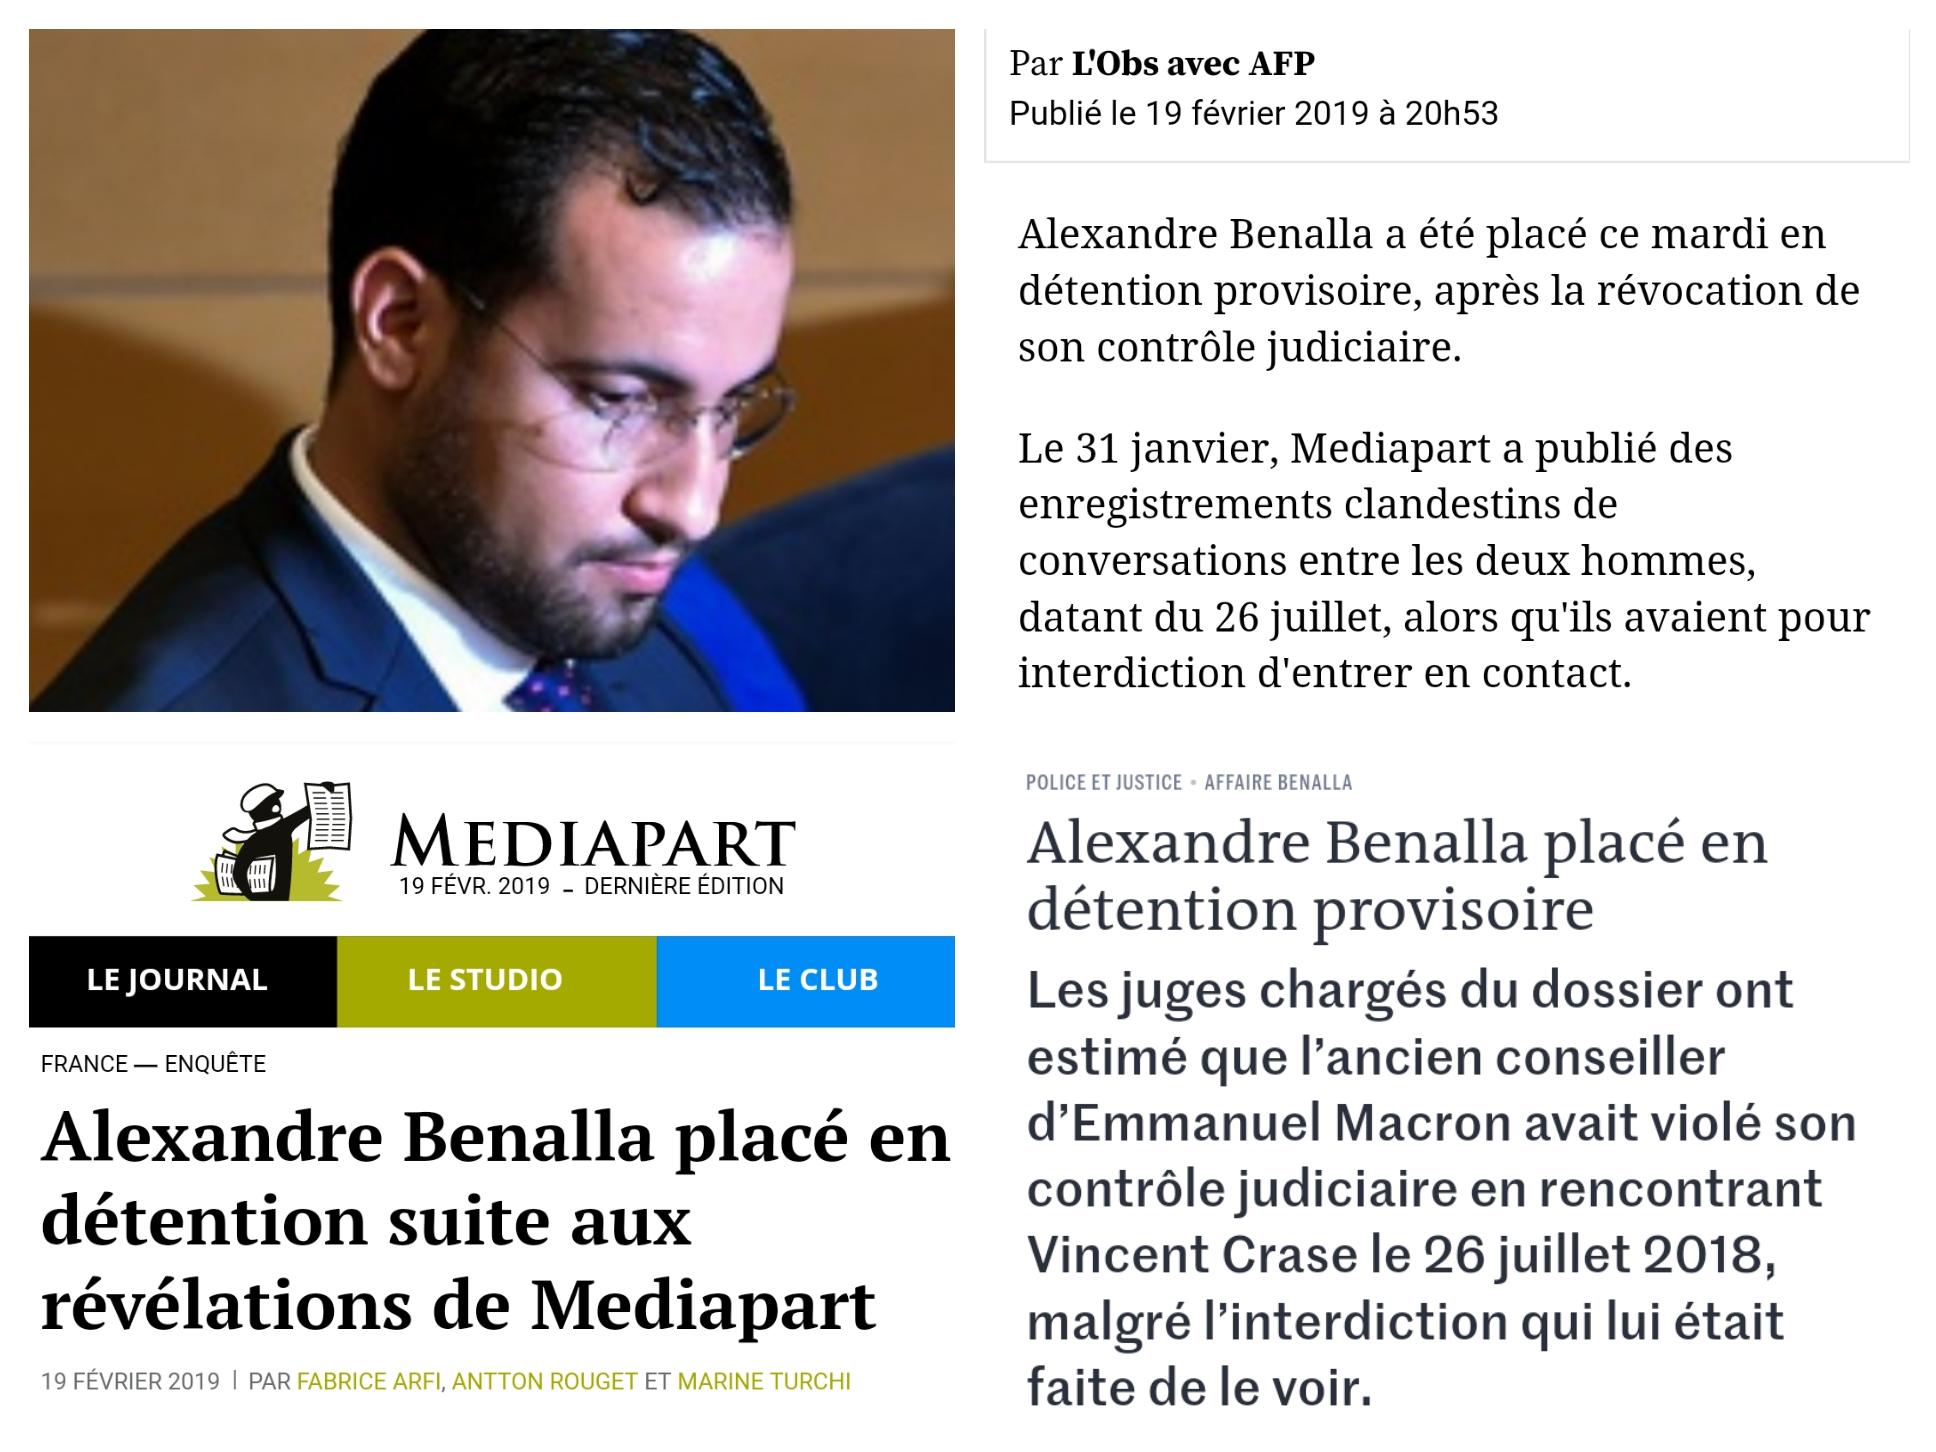 Alexandre Benalla détention provisoire Prison